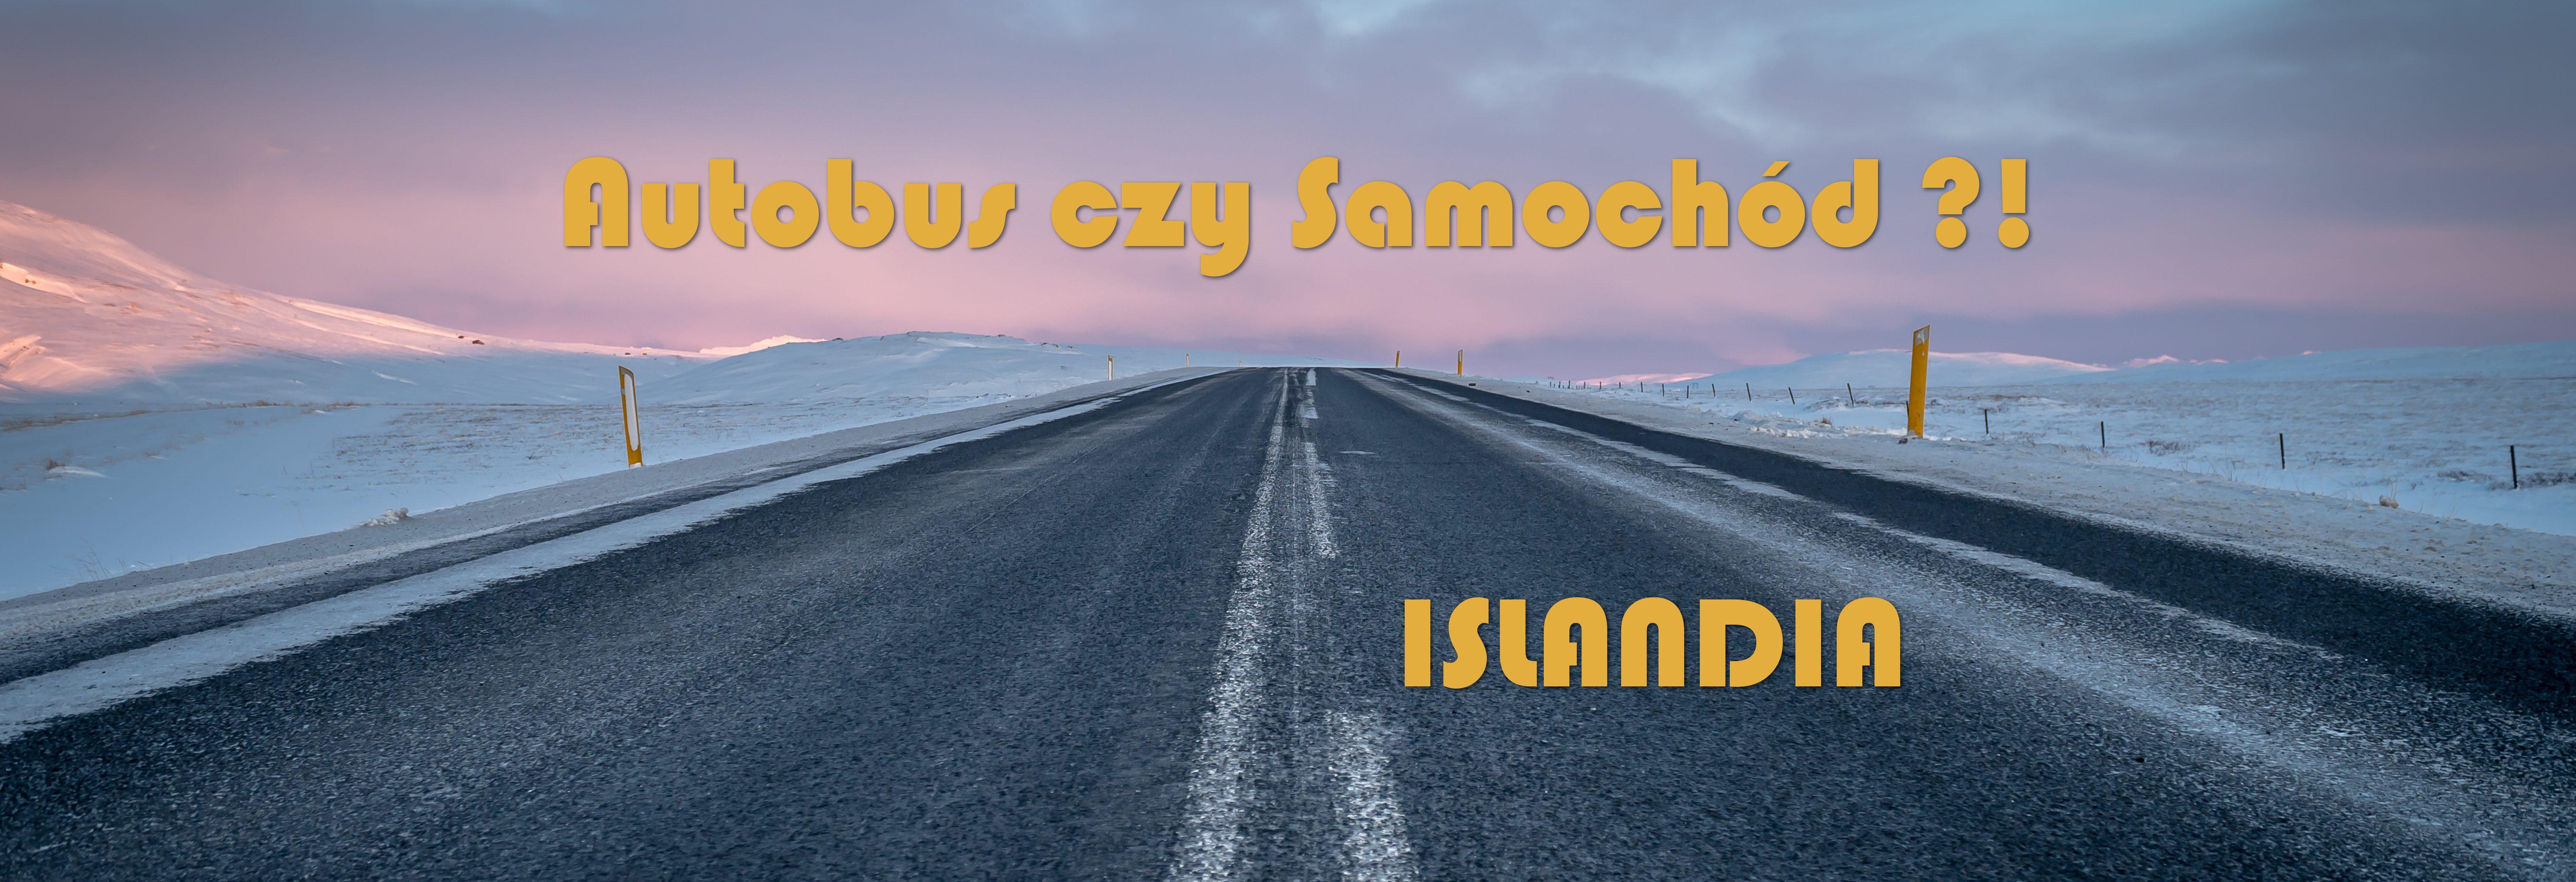 Autobus czy Samochód, czyli jak Podróżować po Islandii? [PORADNIK]